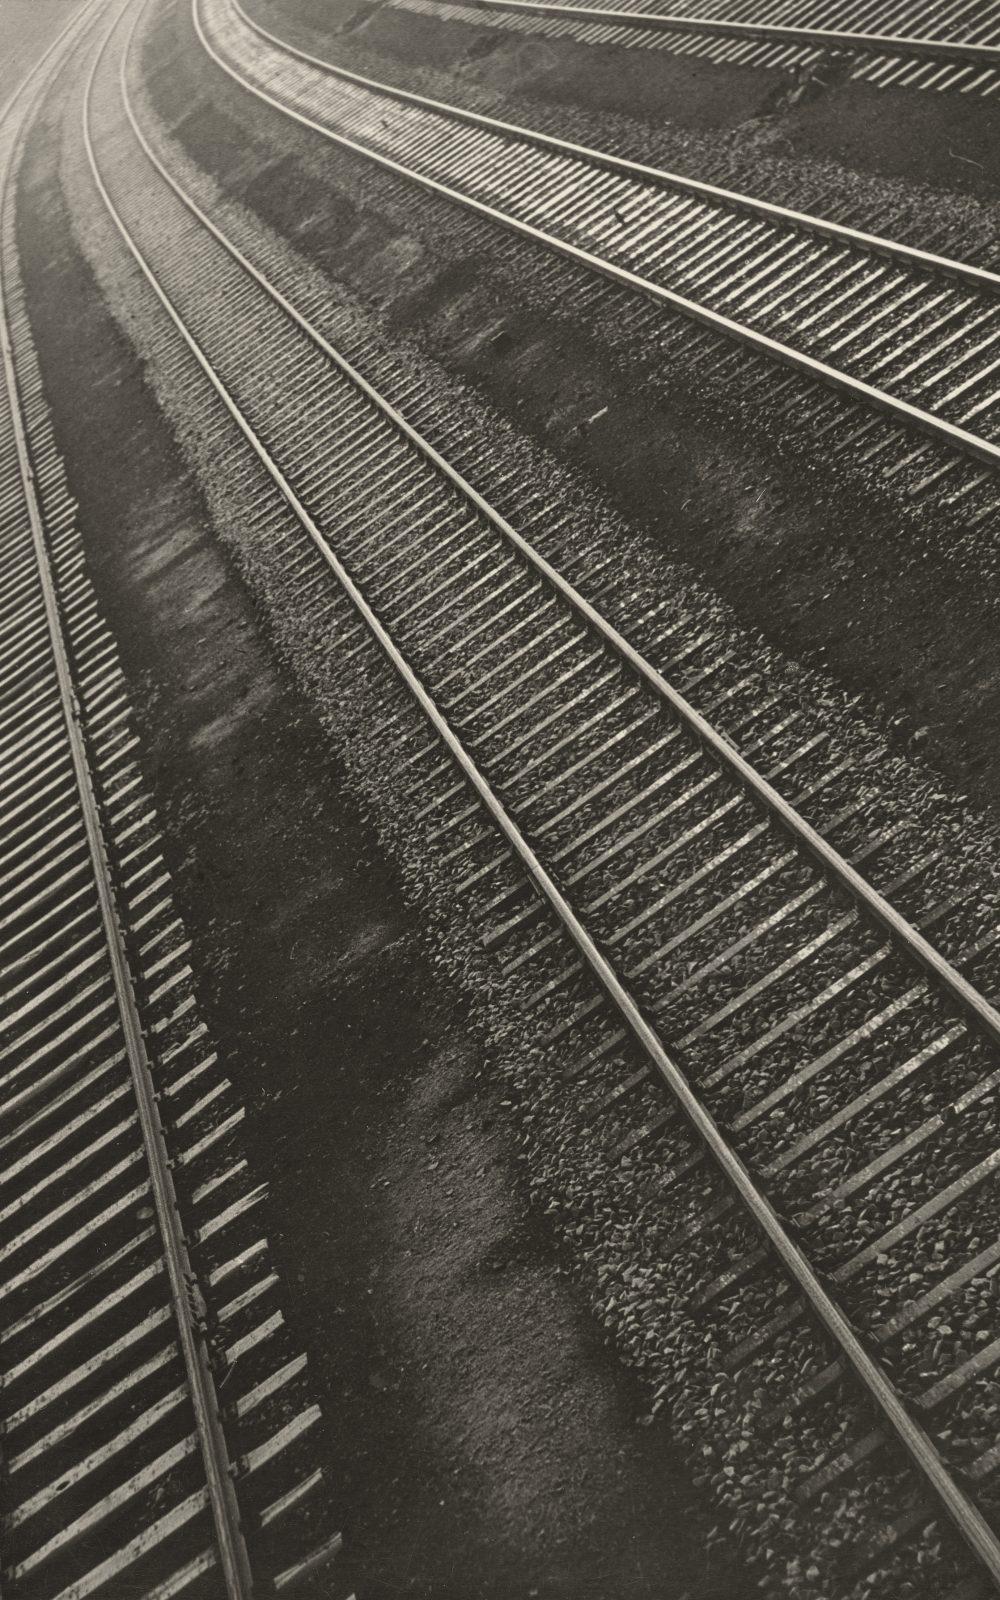 Aenne Biermann, Bahnschienen, 1932, Silbergelatine-Abzug, 24,1 x 17,5 cm, Foto: Sibylle Forster, Stiftung Ann und Jürgen Wilde, Pinakothek der Moderne, München